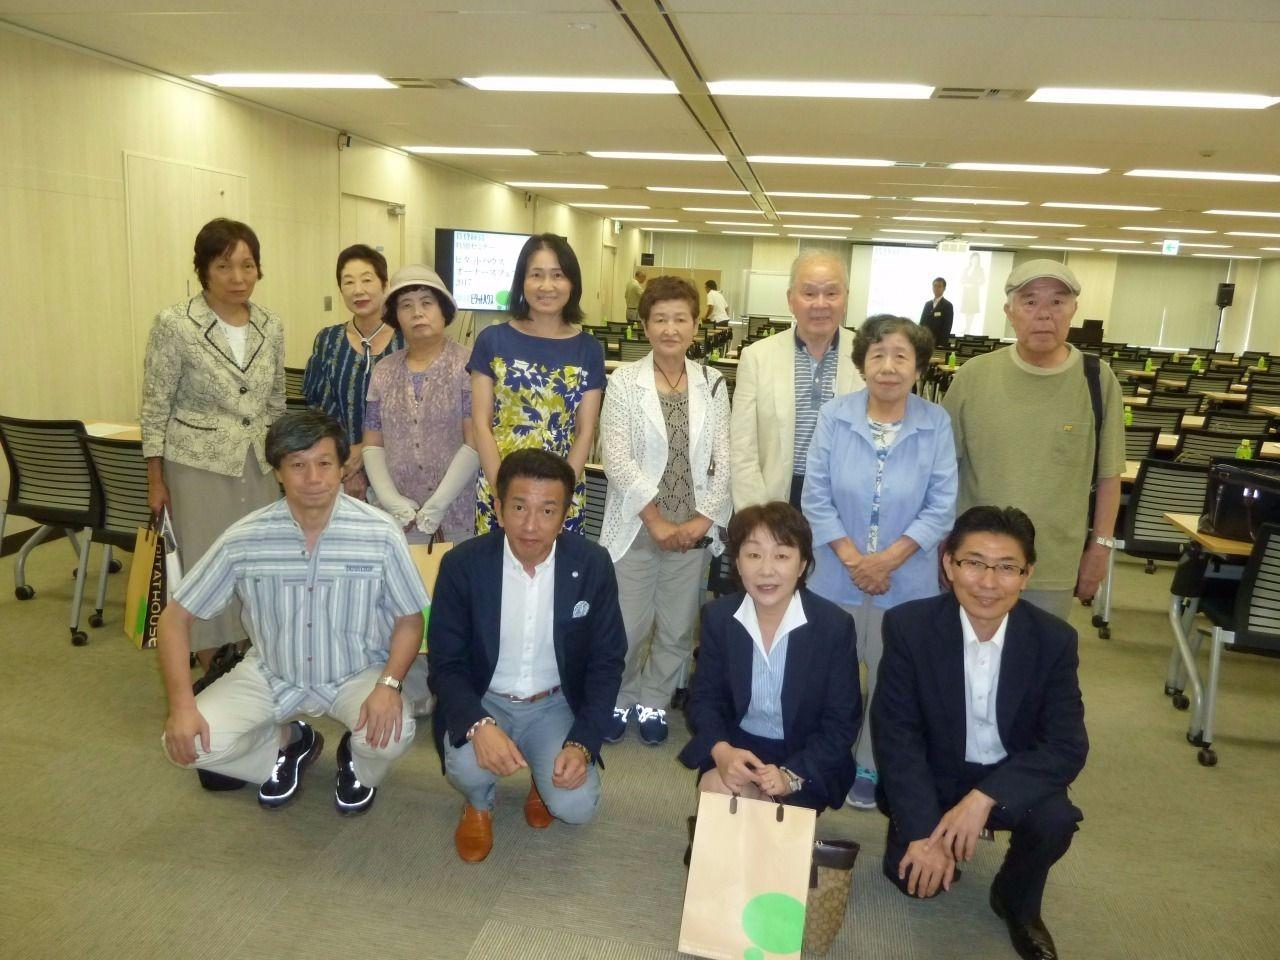 平成29年7月23日  東京オーナー様セミナーを開催しました。